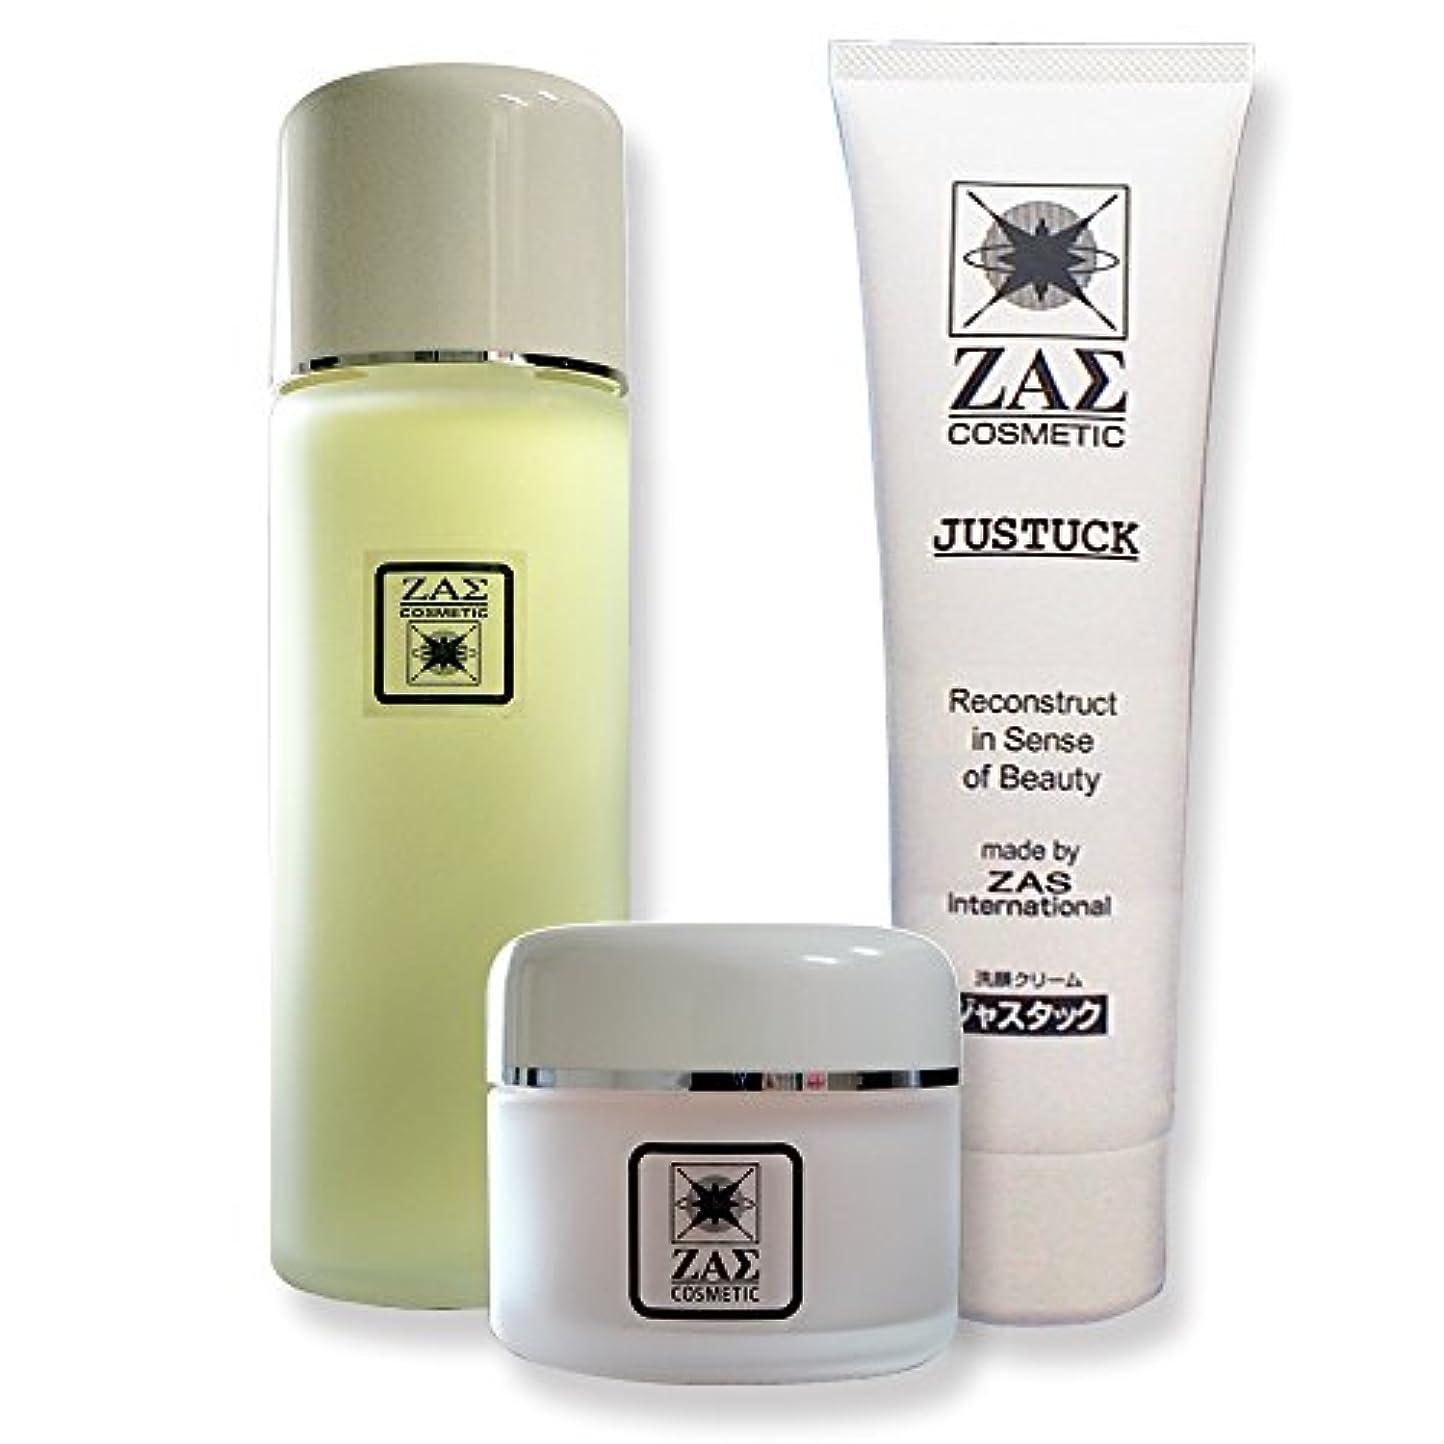 まぶしさ費やすグリットスーパー基本セット:ジャスタック+アクセスシー+マックスプラス(医薬部外品) 洗顔フォーム?化粧水?クリームの3点セット 【メンズコスメ 男性化粧品|ザス】